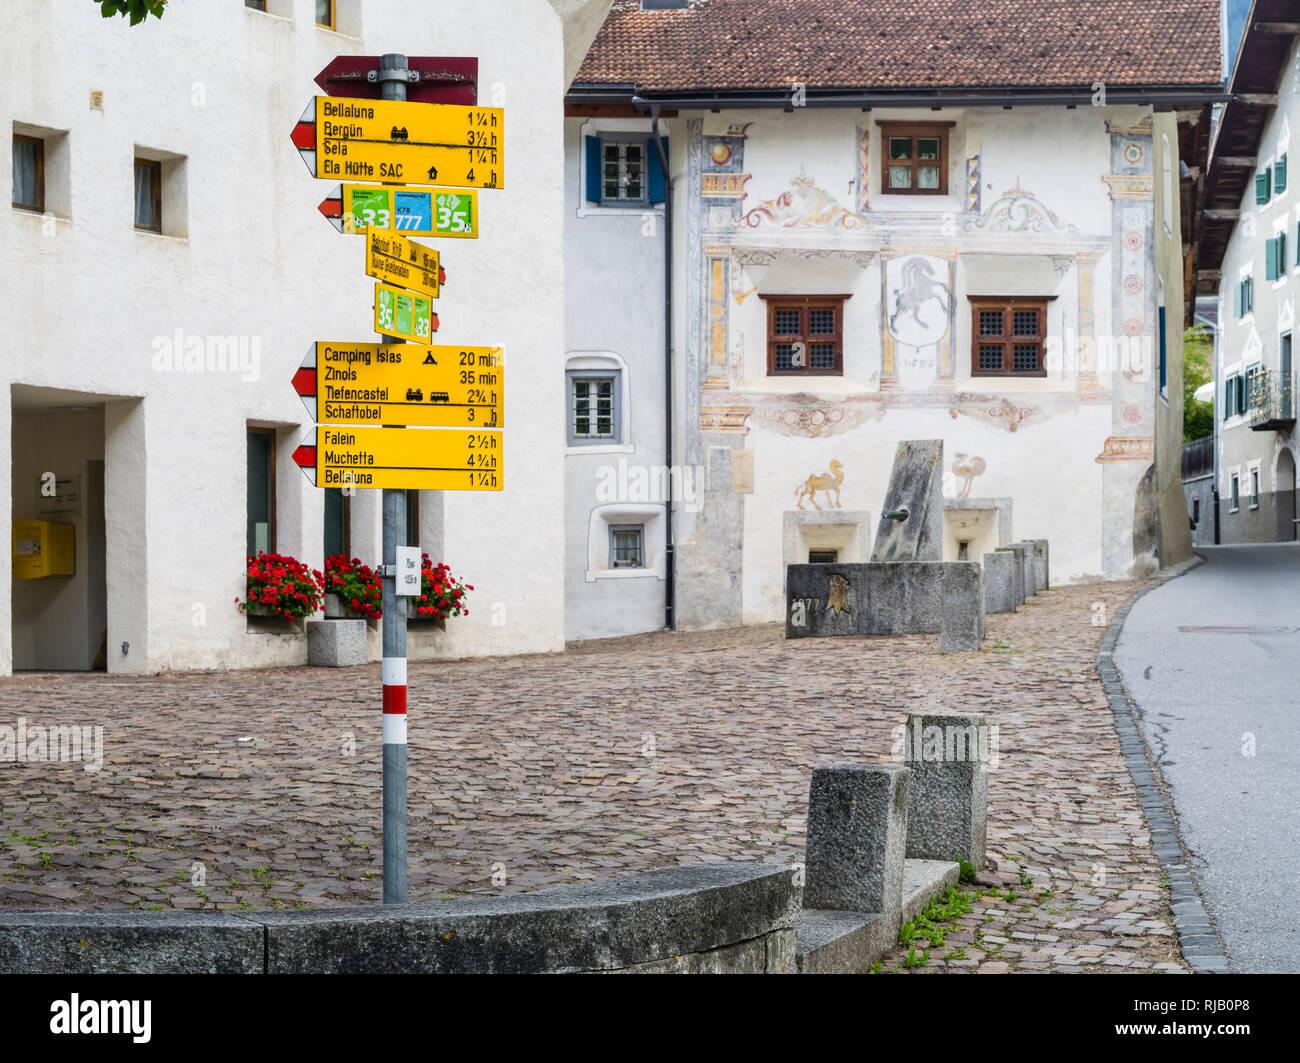 Historischer Dorfkern von Filisur in Graubünden mit Wander-Wegweisern Stock Photo